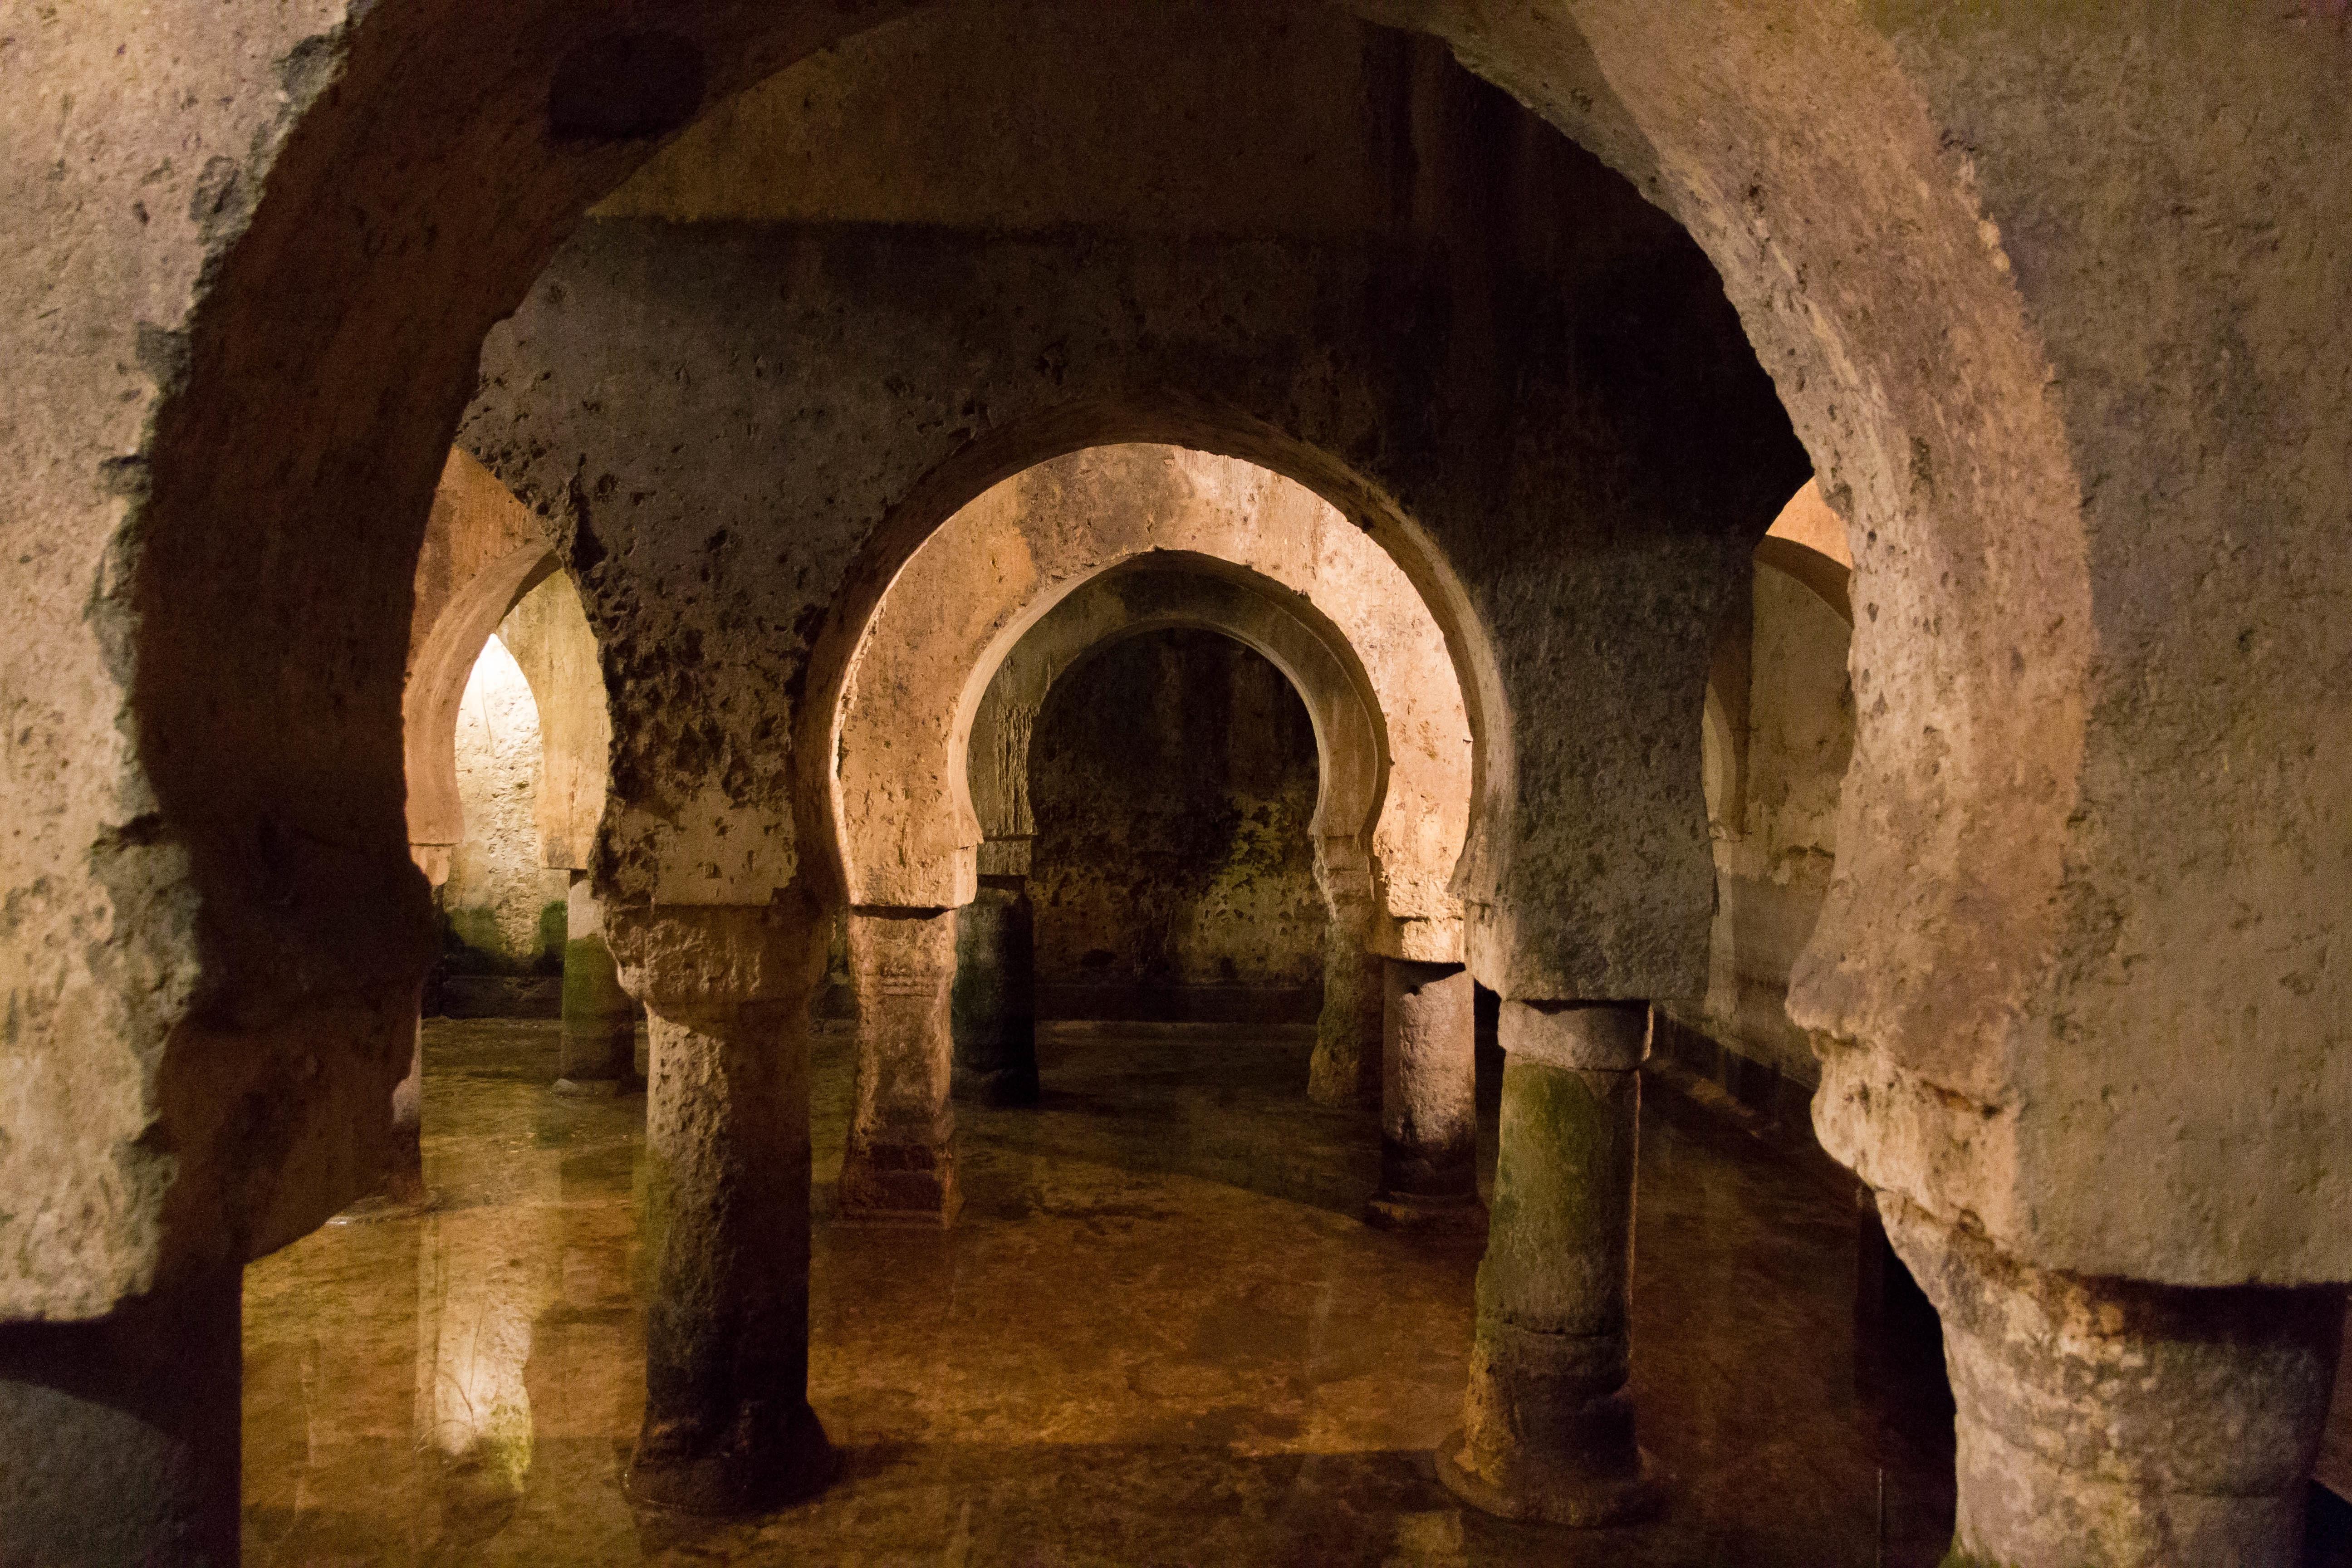 обед развалины пещерного монастыря фото пользе супов-пюре